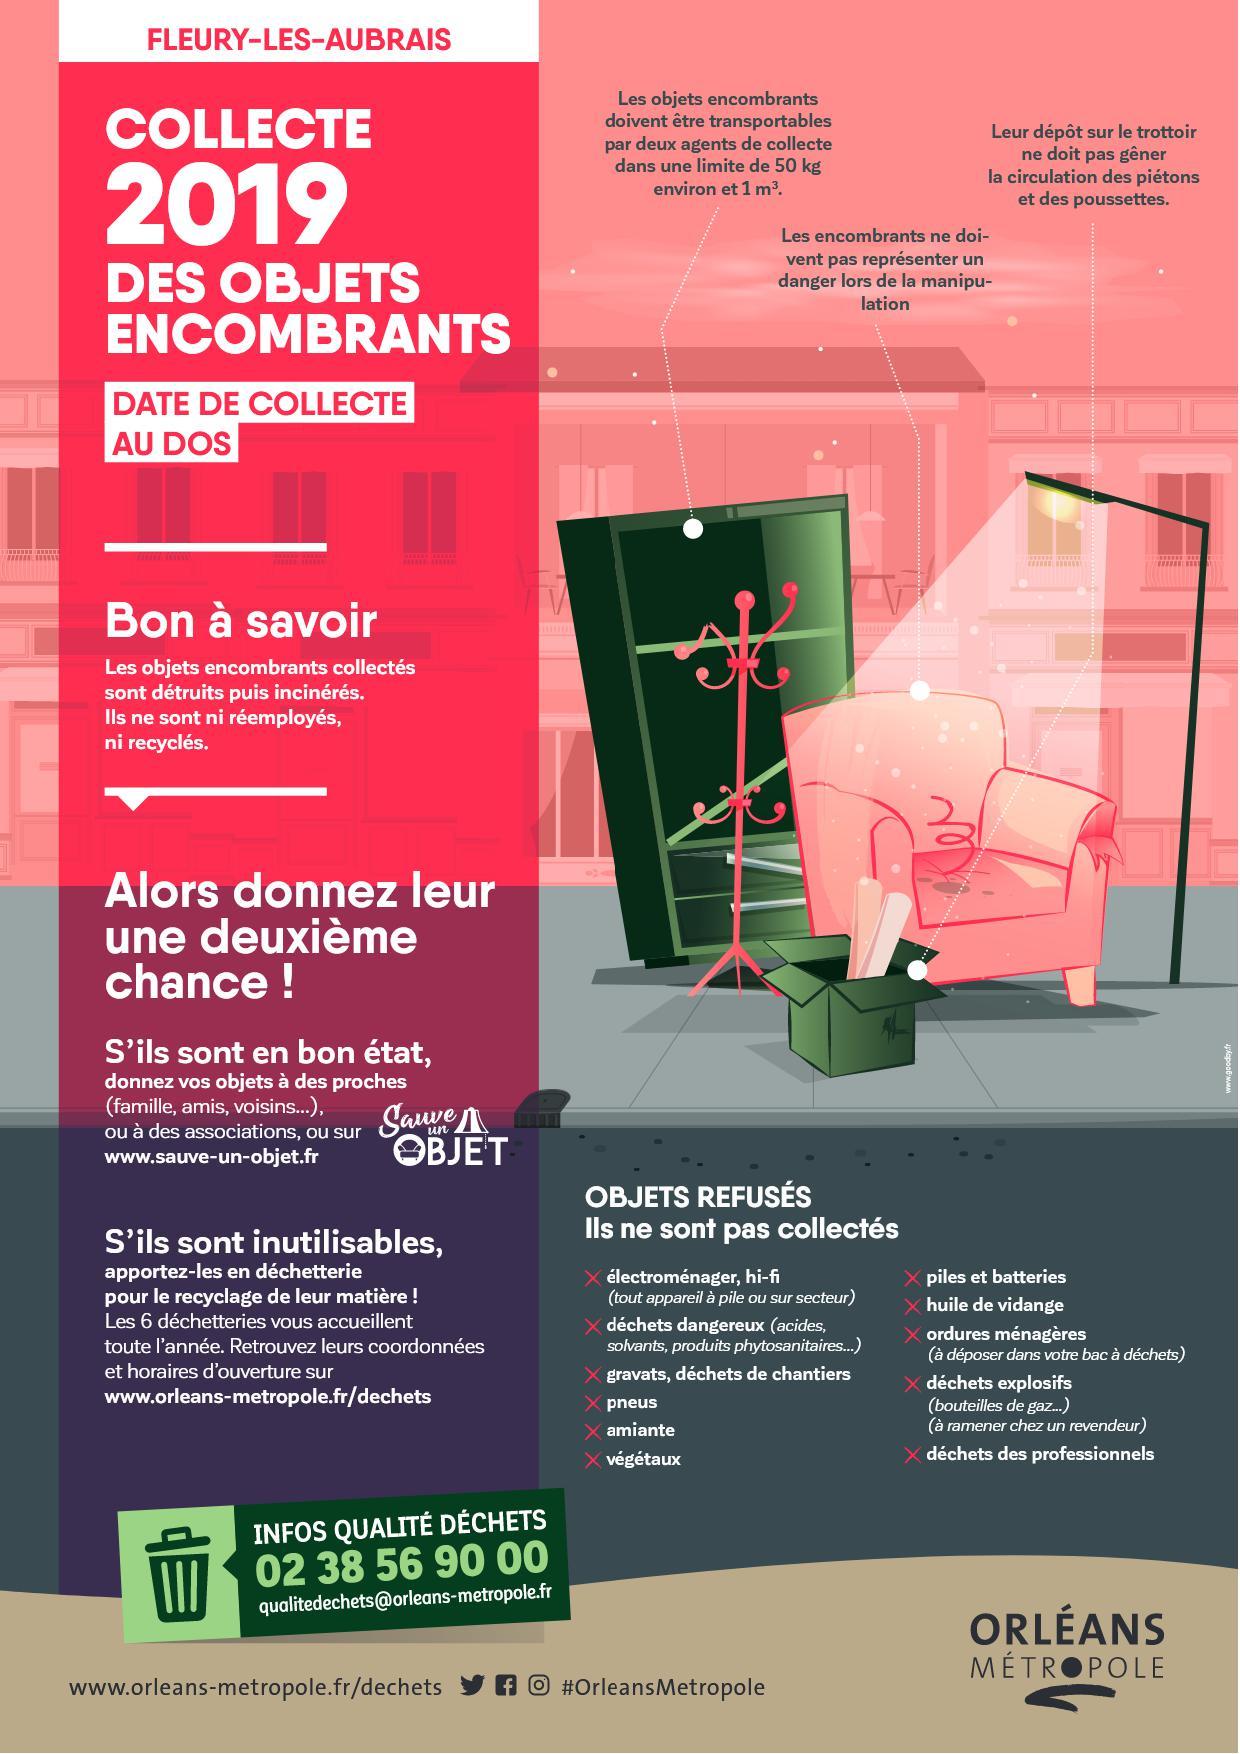 fleury_les_aubrais_20191.jpg